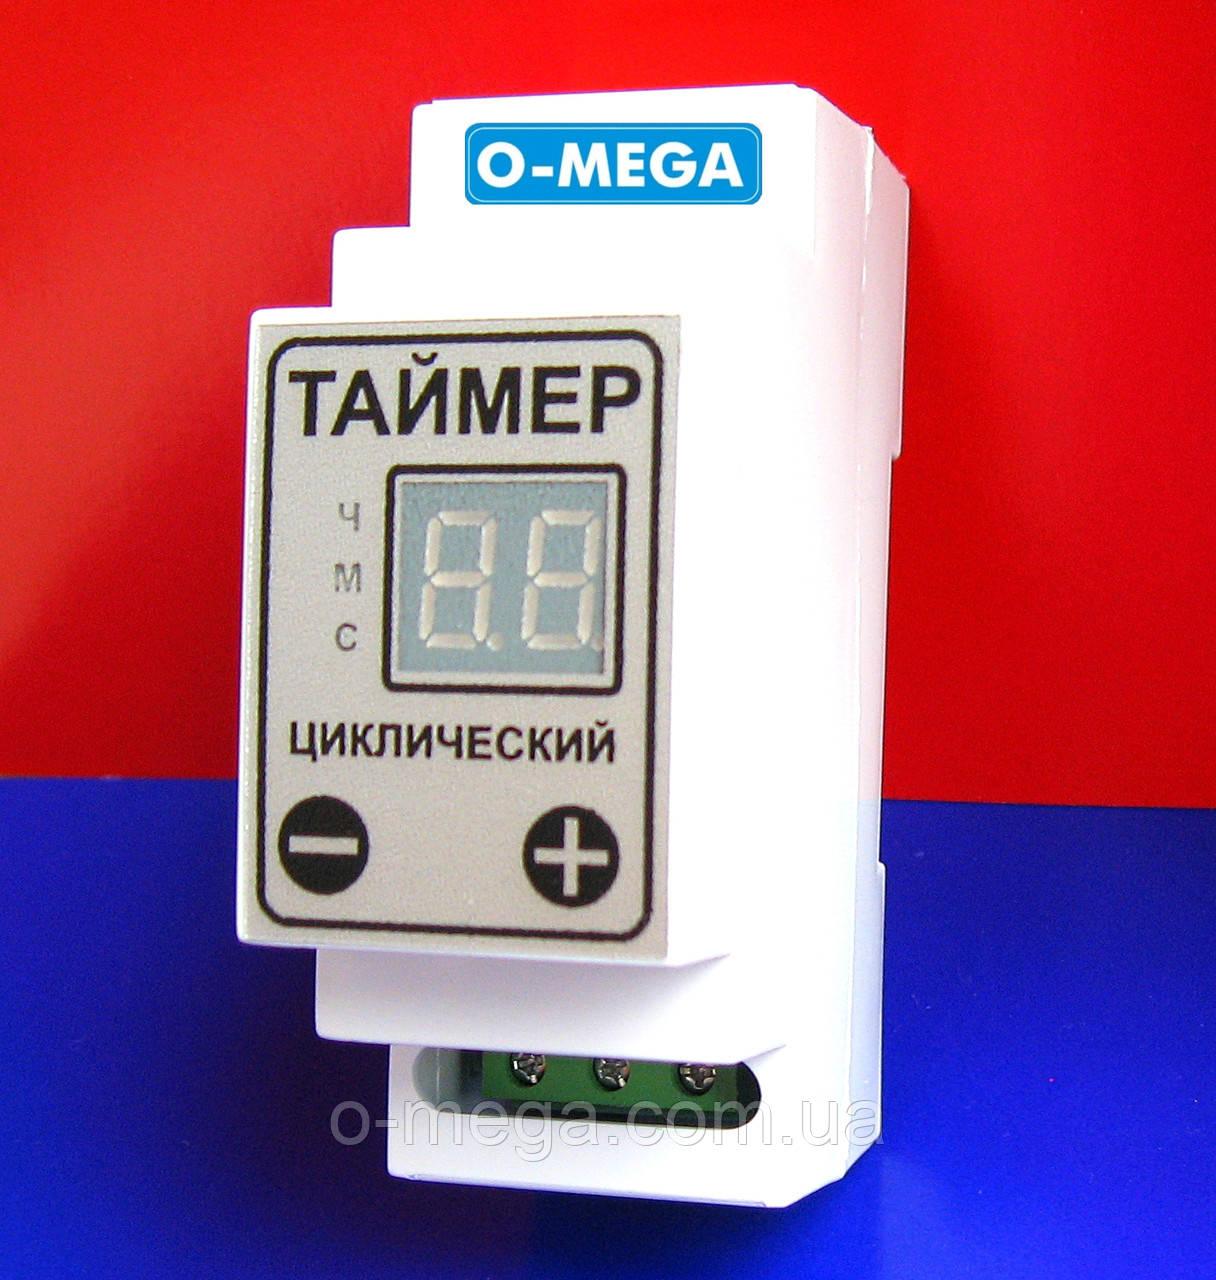 Таймер для инкубатора ТЦд-2 циклический 10А